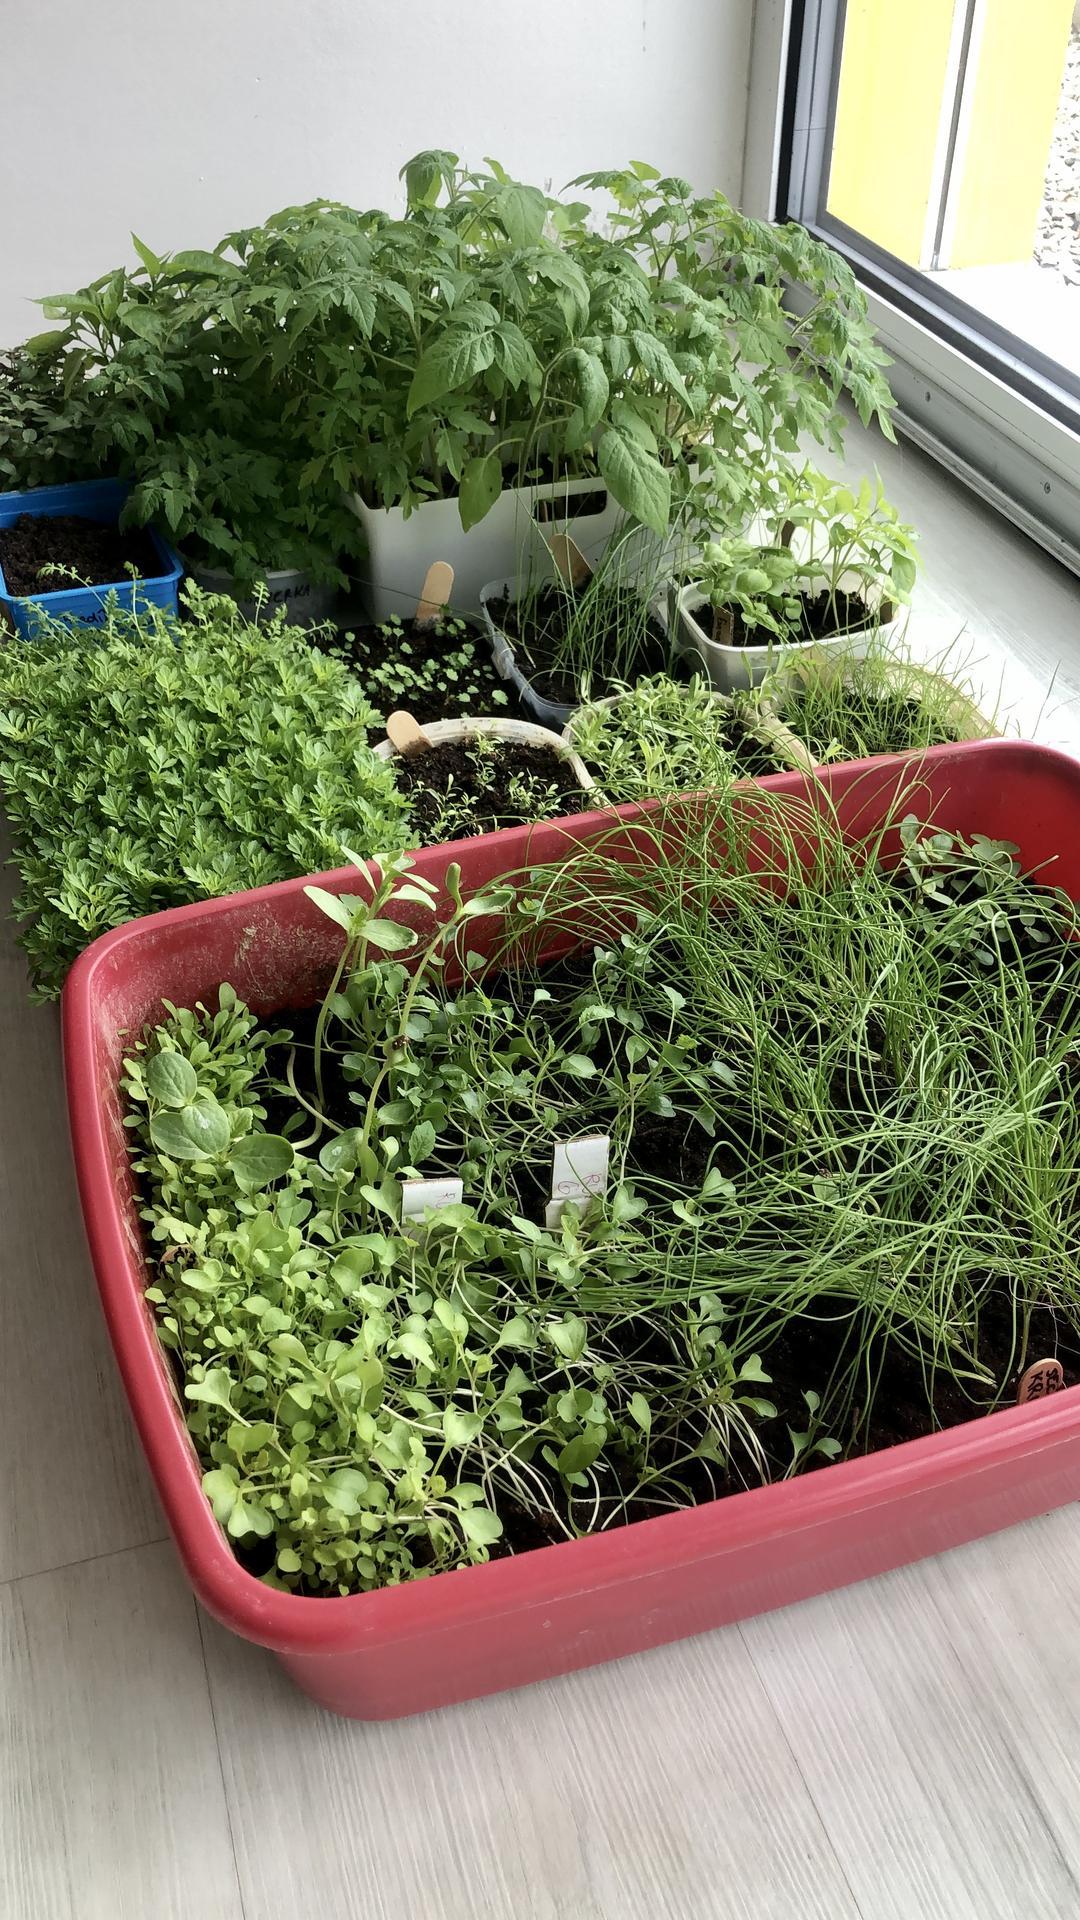 Skřítčí zahrada 2021 - Duben 2021 - sazenicím se letos daří výborně